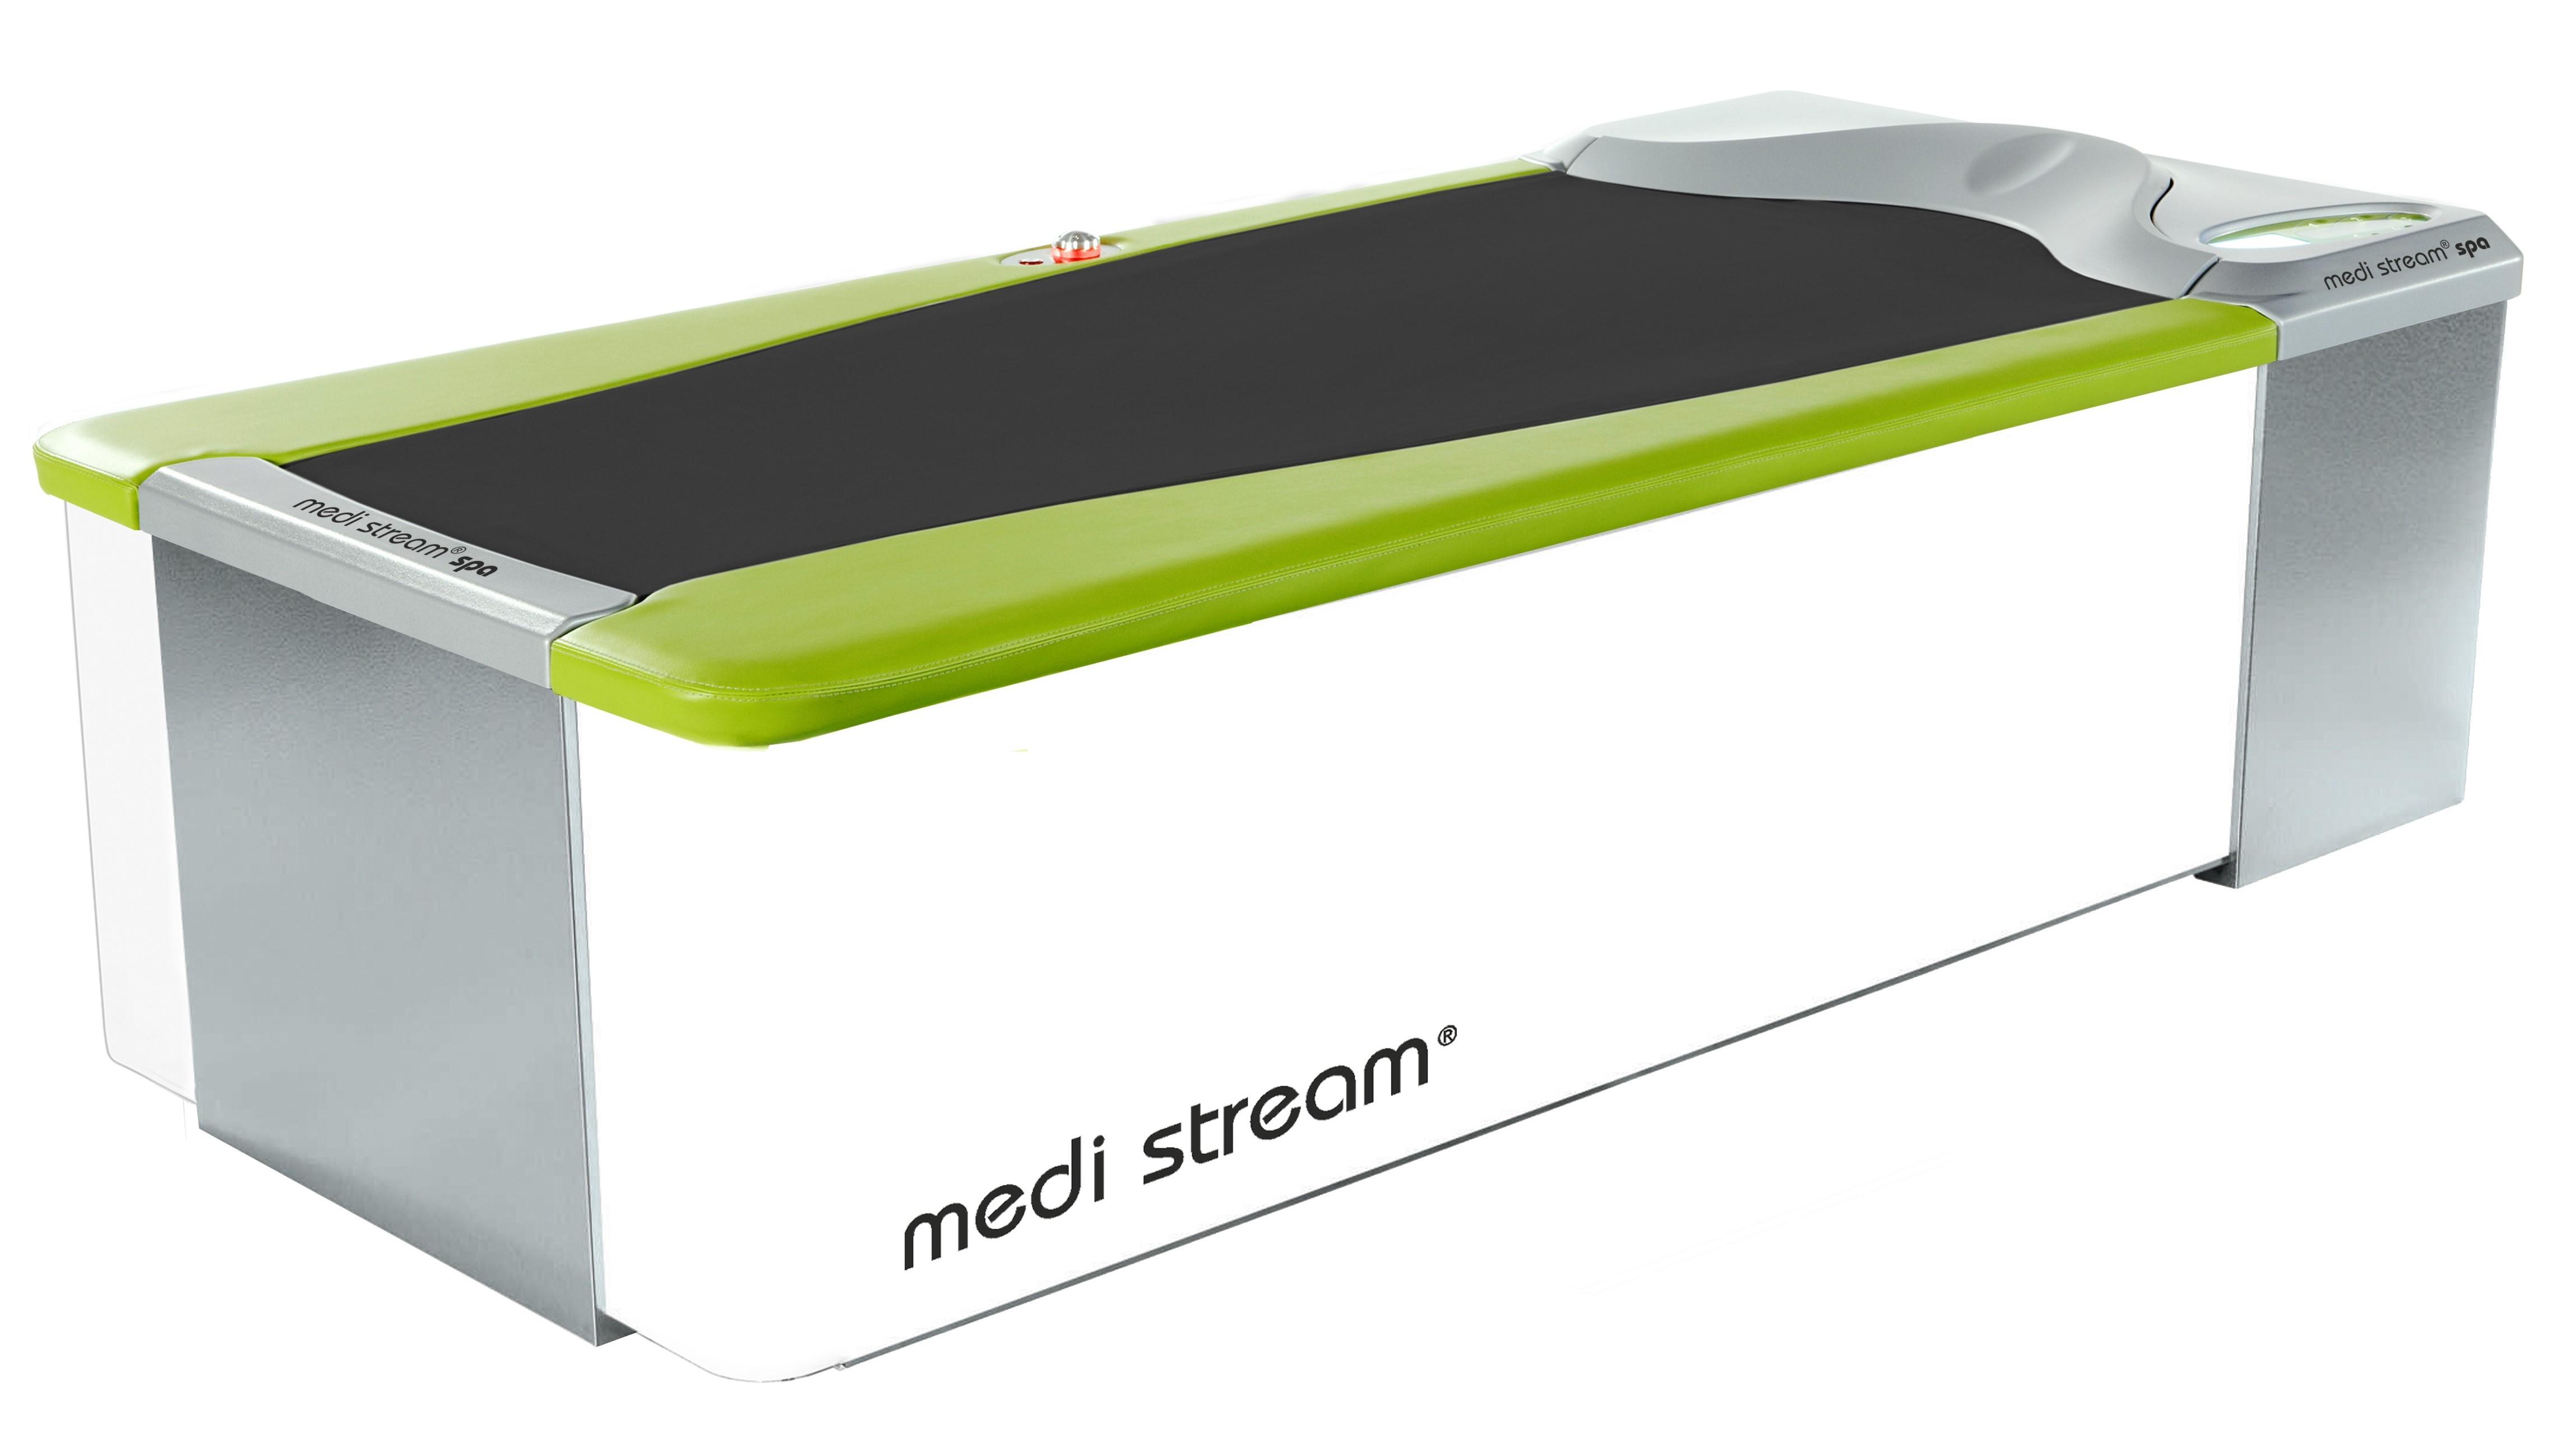 medi stream® spa & MediLounge